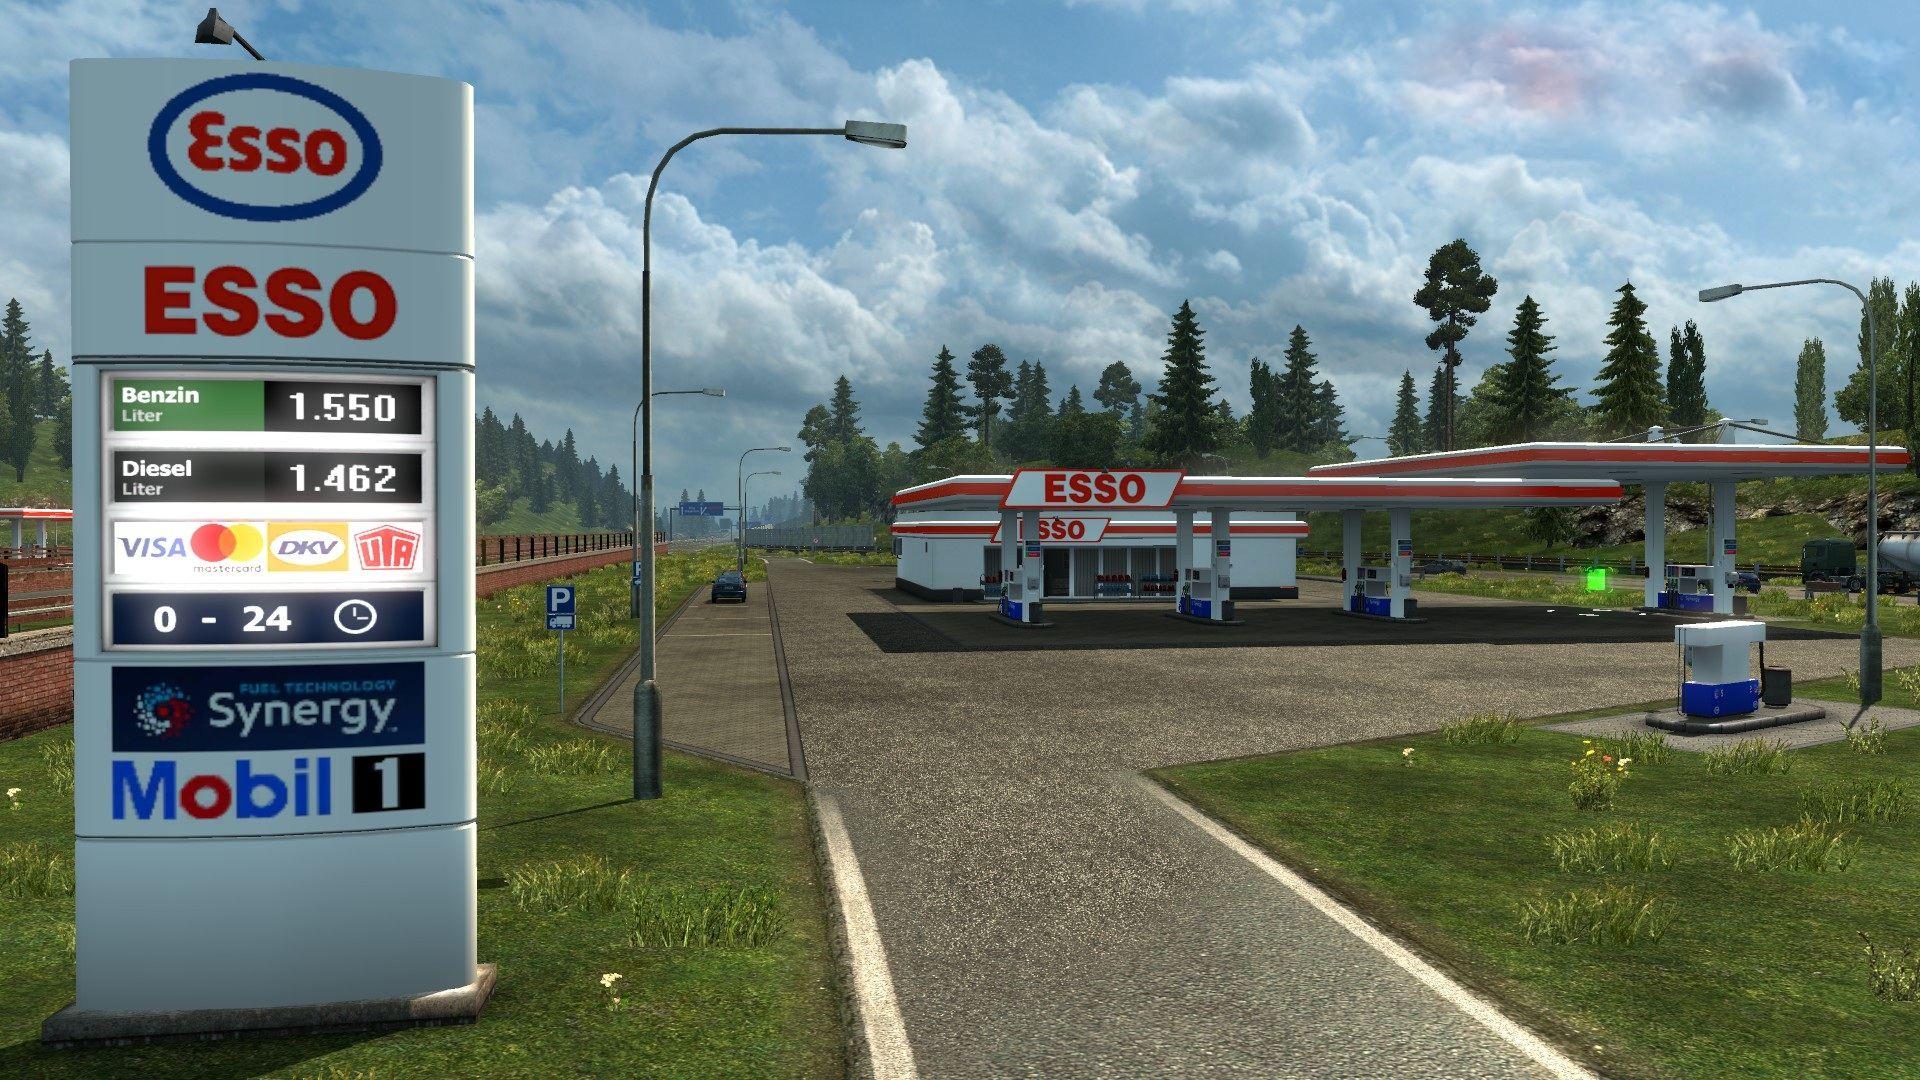 Tangkapan layar Euro Truck Sim 2 yang menunjukkan halaman depan garasi bermerek Esso